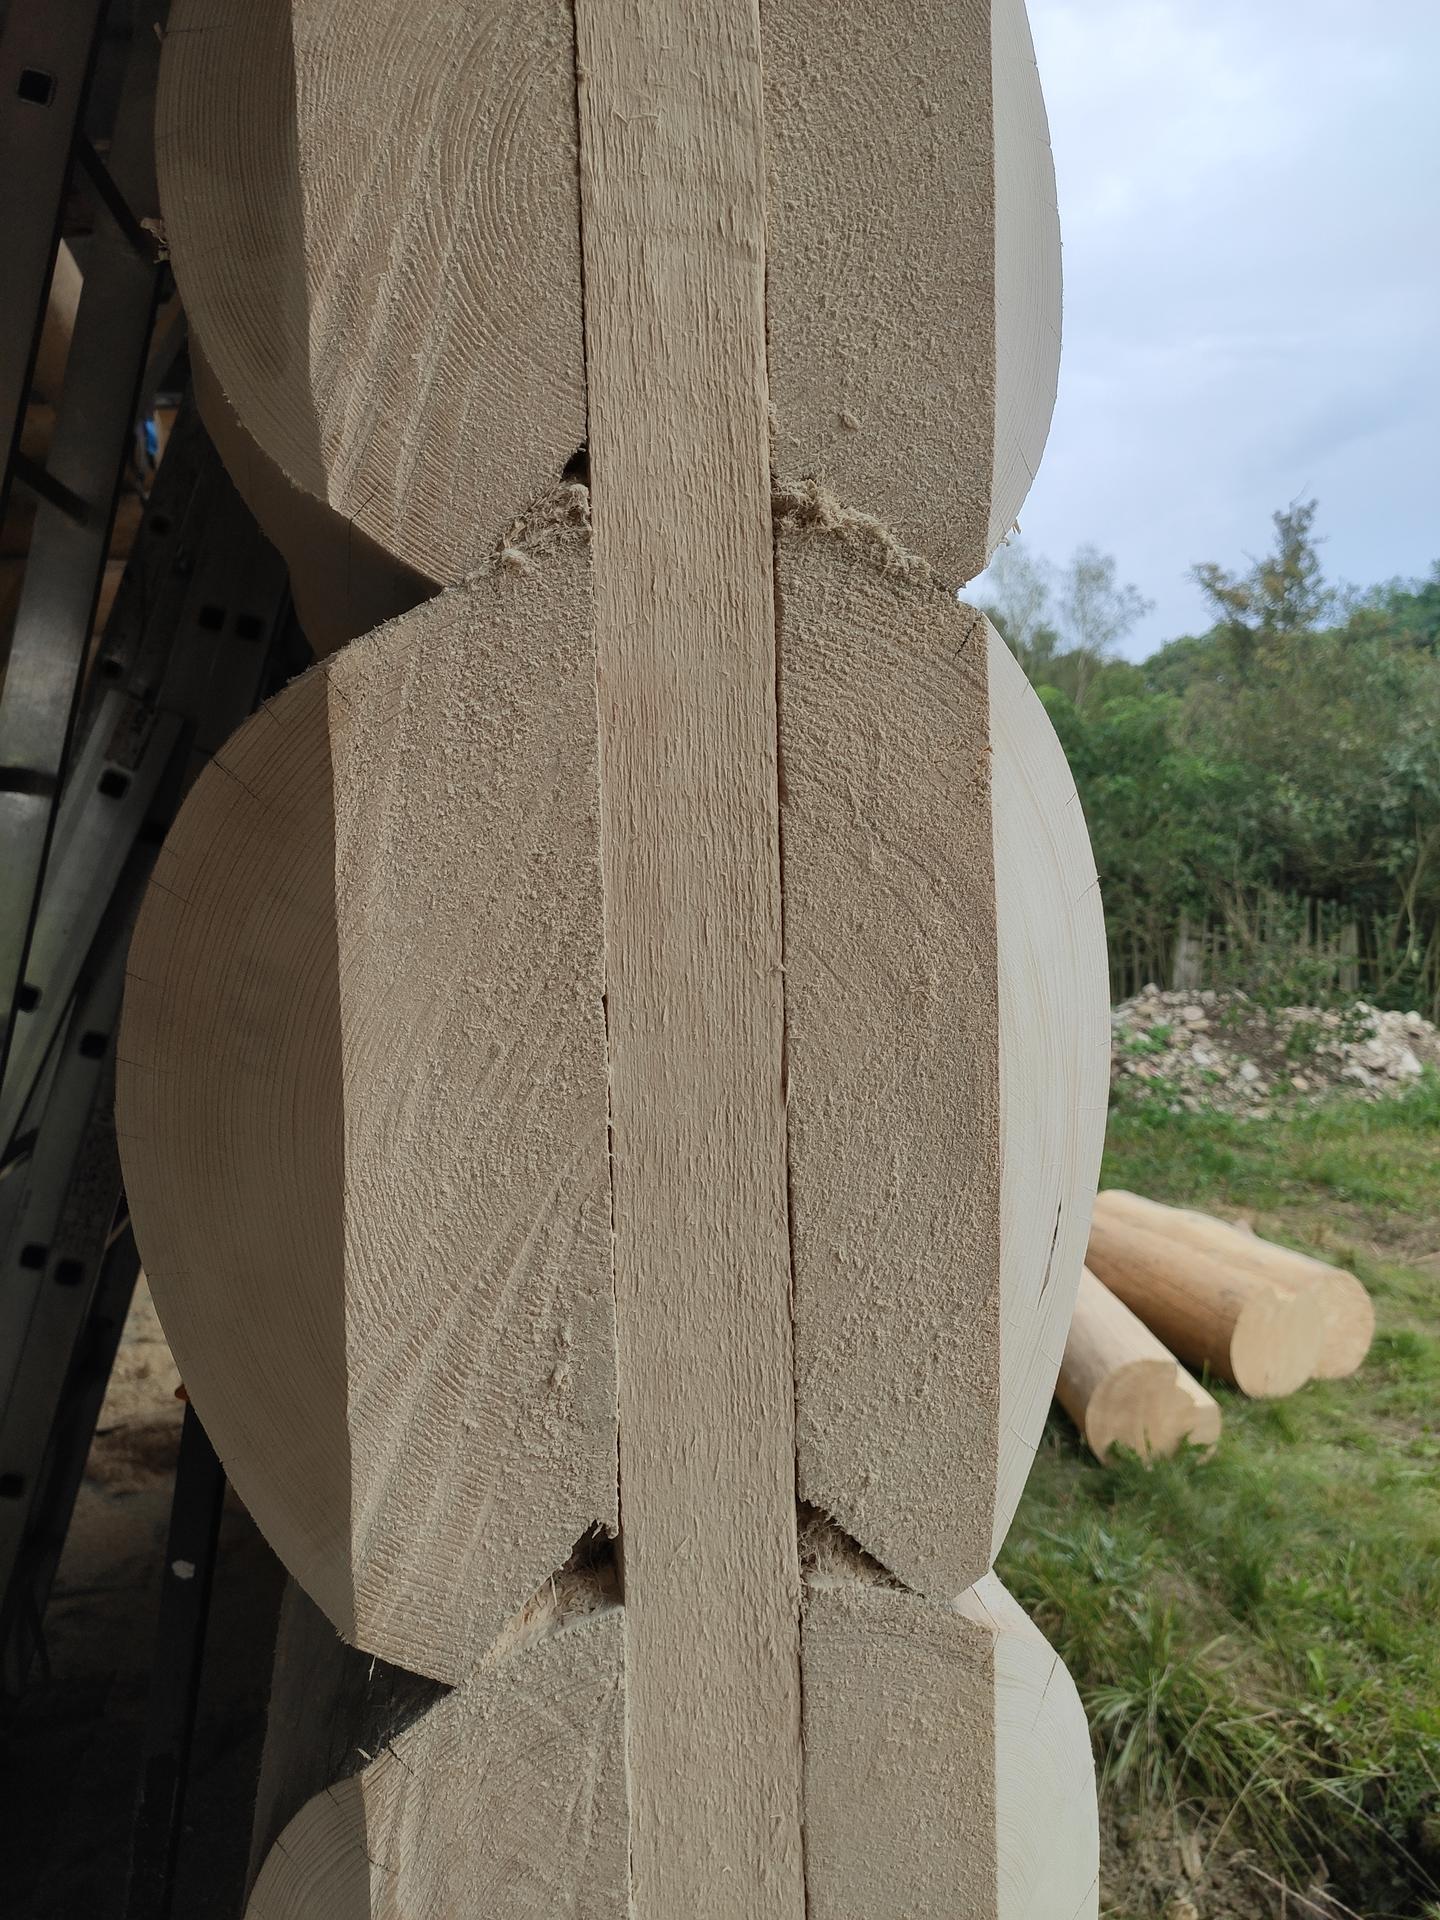 Okna kompletně vyřízlá, ,,stačí,, je zaměřit , příčky Ytong převážně 125mm.nasleduje vyzděni, upevnění krbové vložky a akumulační nádrže na podstavec,elektro,voda a kanalizace, podlahový topení,vystukování příček a zalití anhydritem .mezitím usadit dva podstavne sloupy ,usazení komína, tašky beton na střechu, nátěr čerstve obroušeného vnitřku  🙈 - Obrázek č. 3